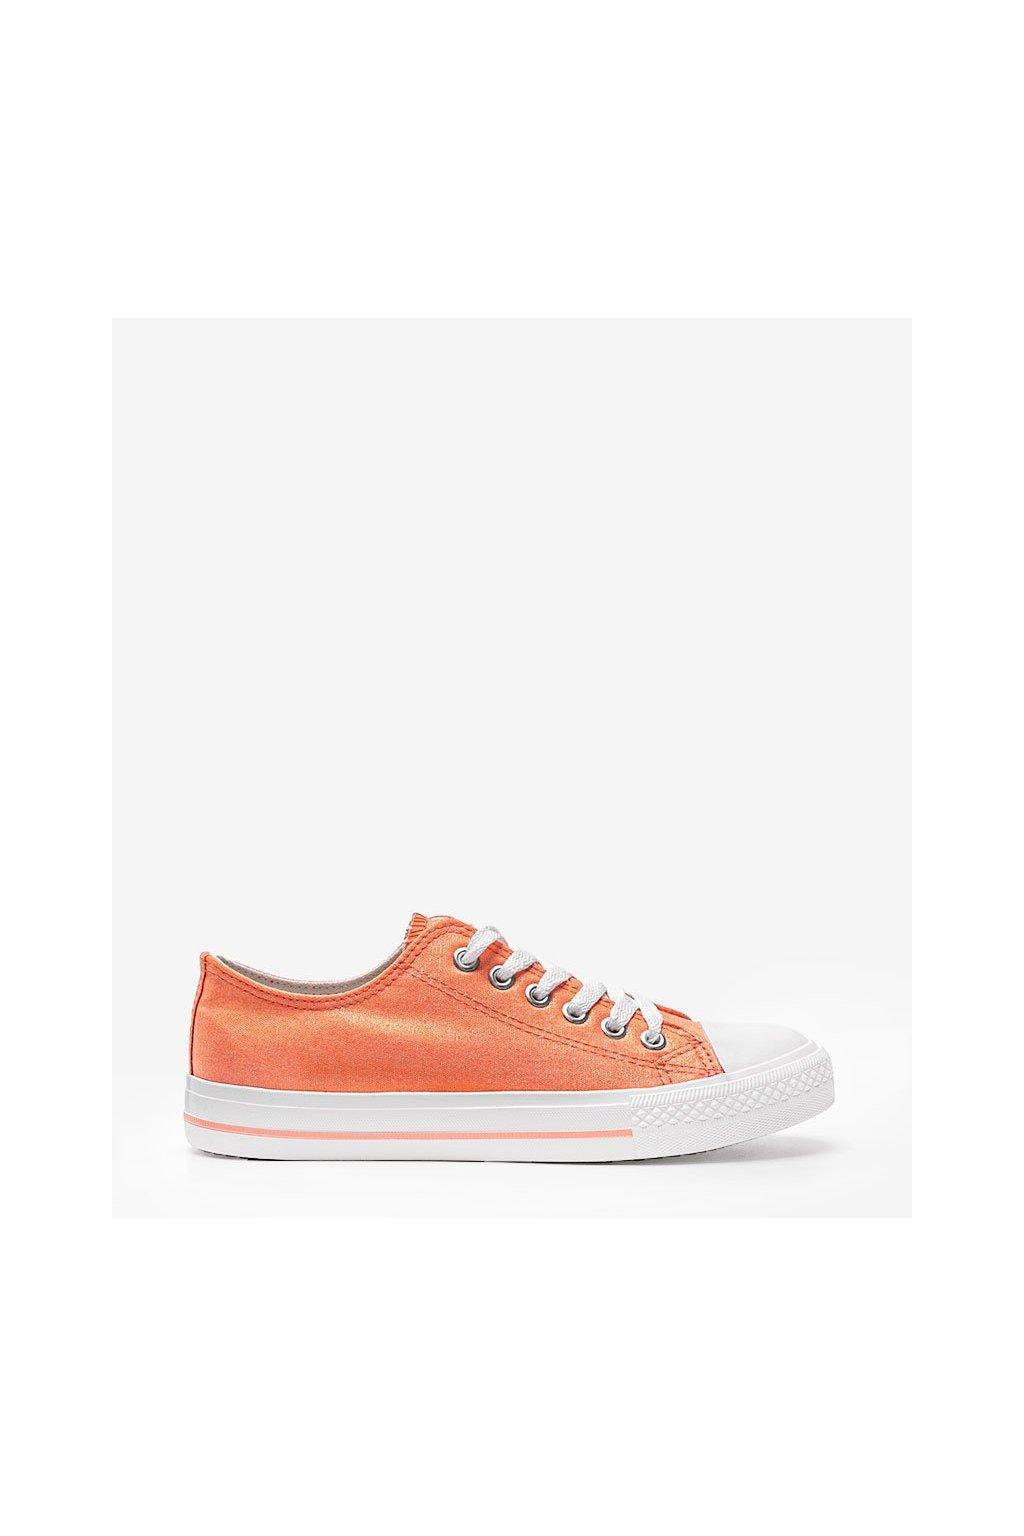 Dámske topánky tenisky oranžové kód YL-20 - GM